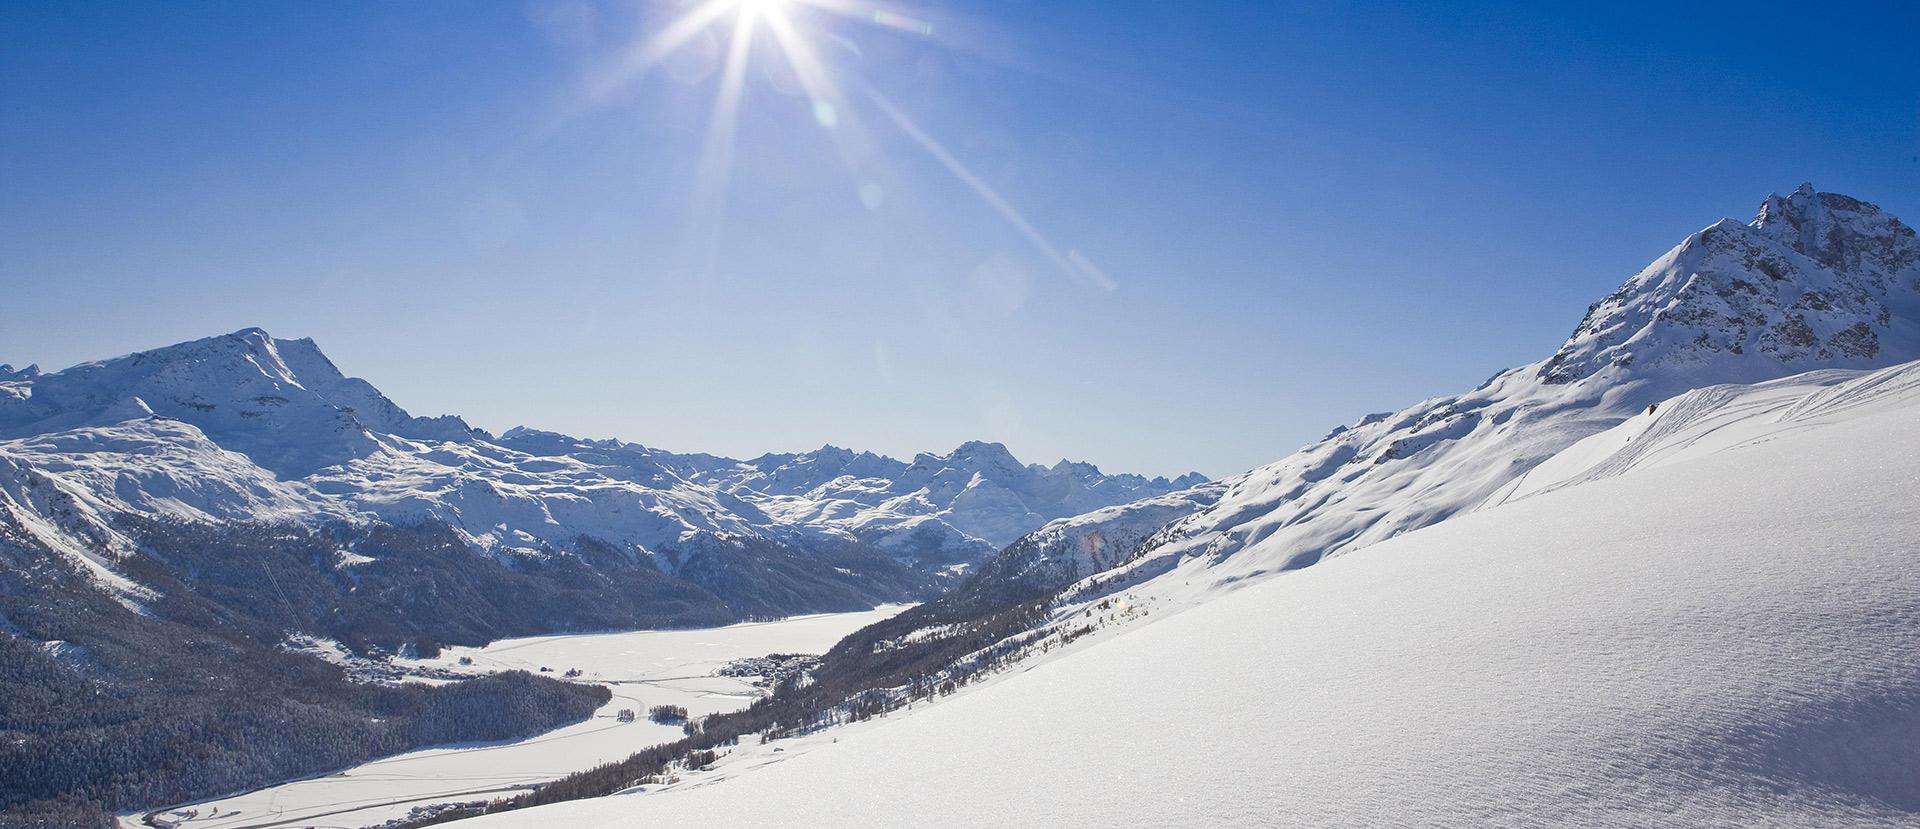 Piz Nair Saint Moritz